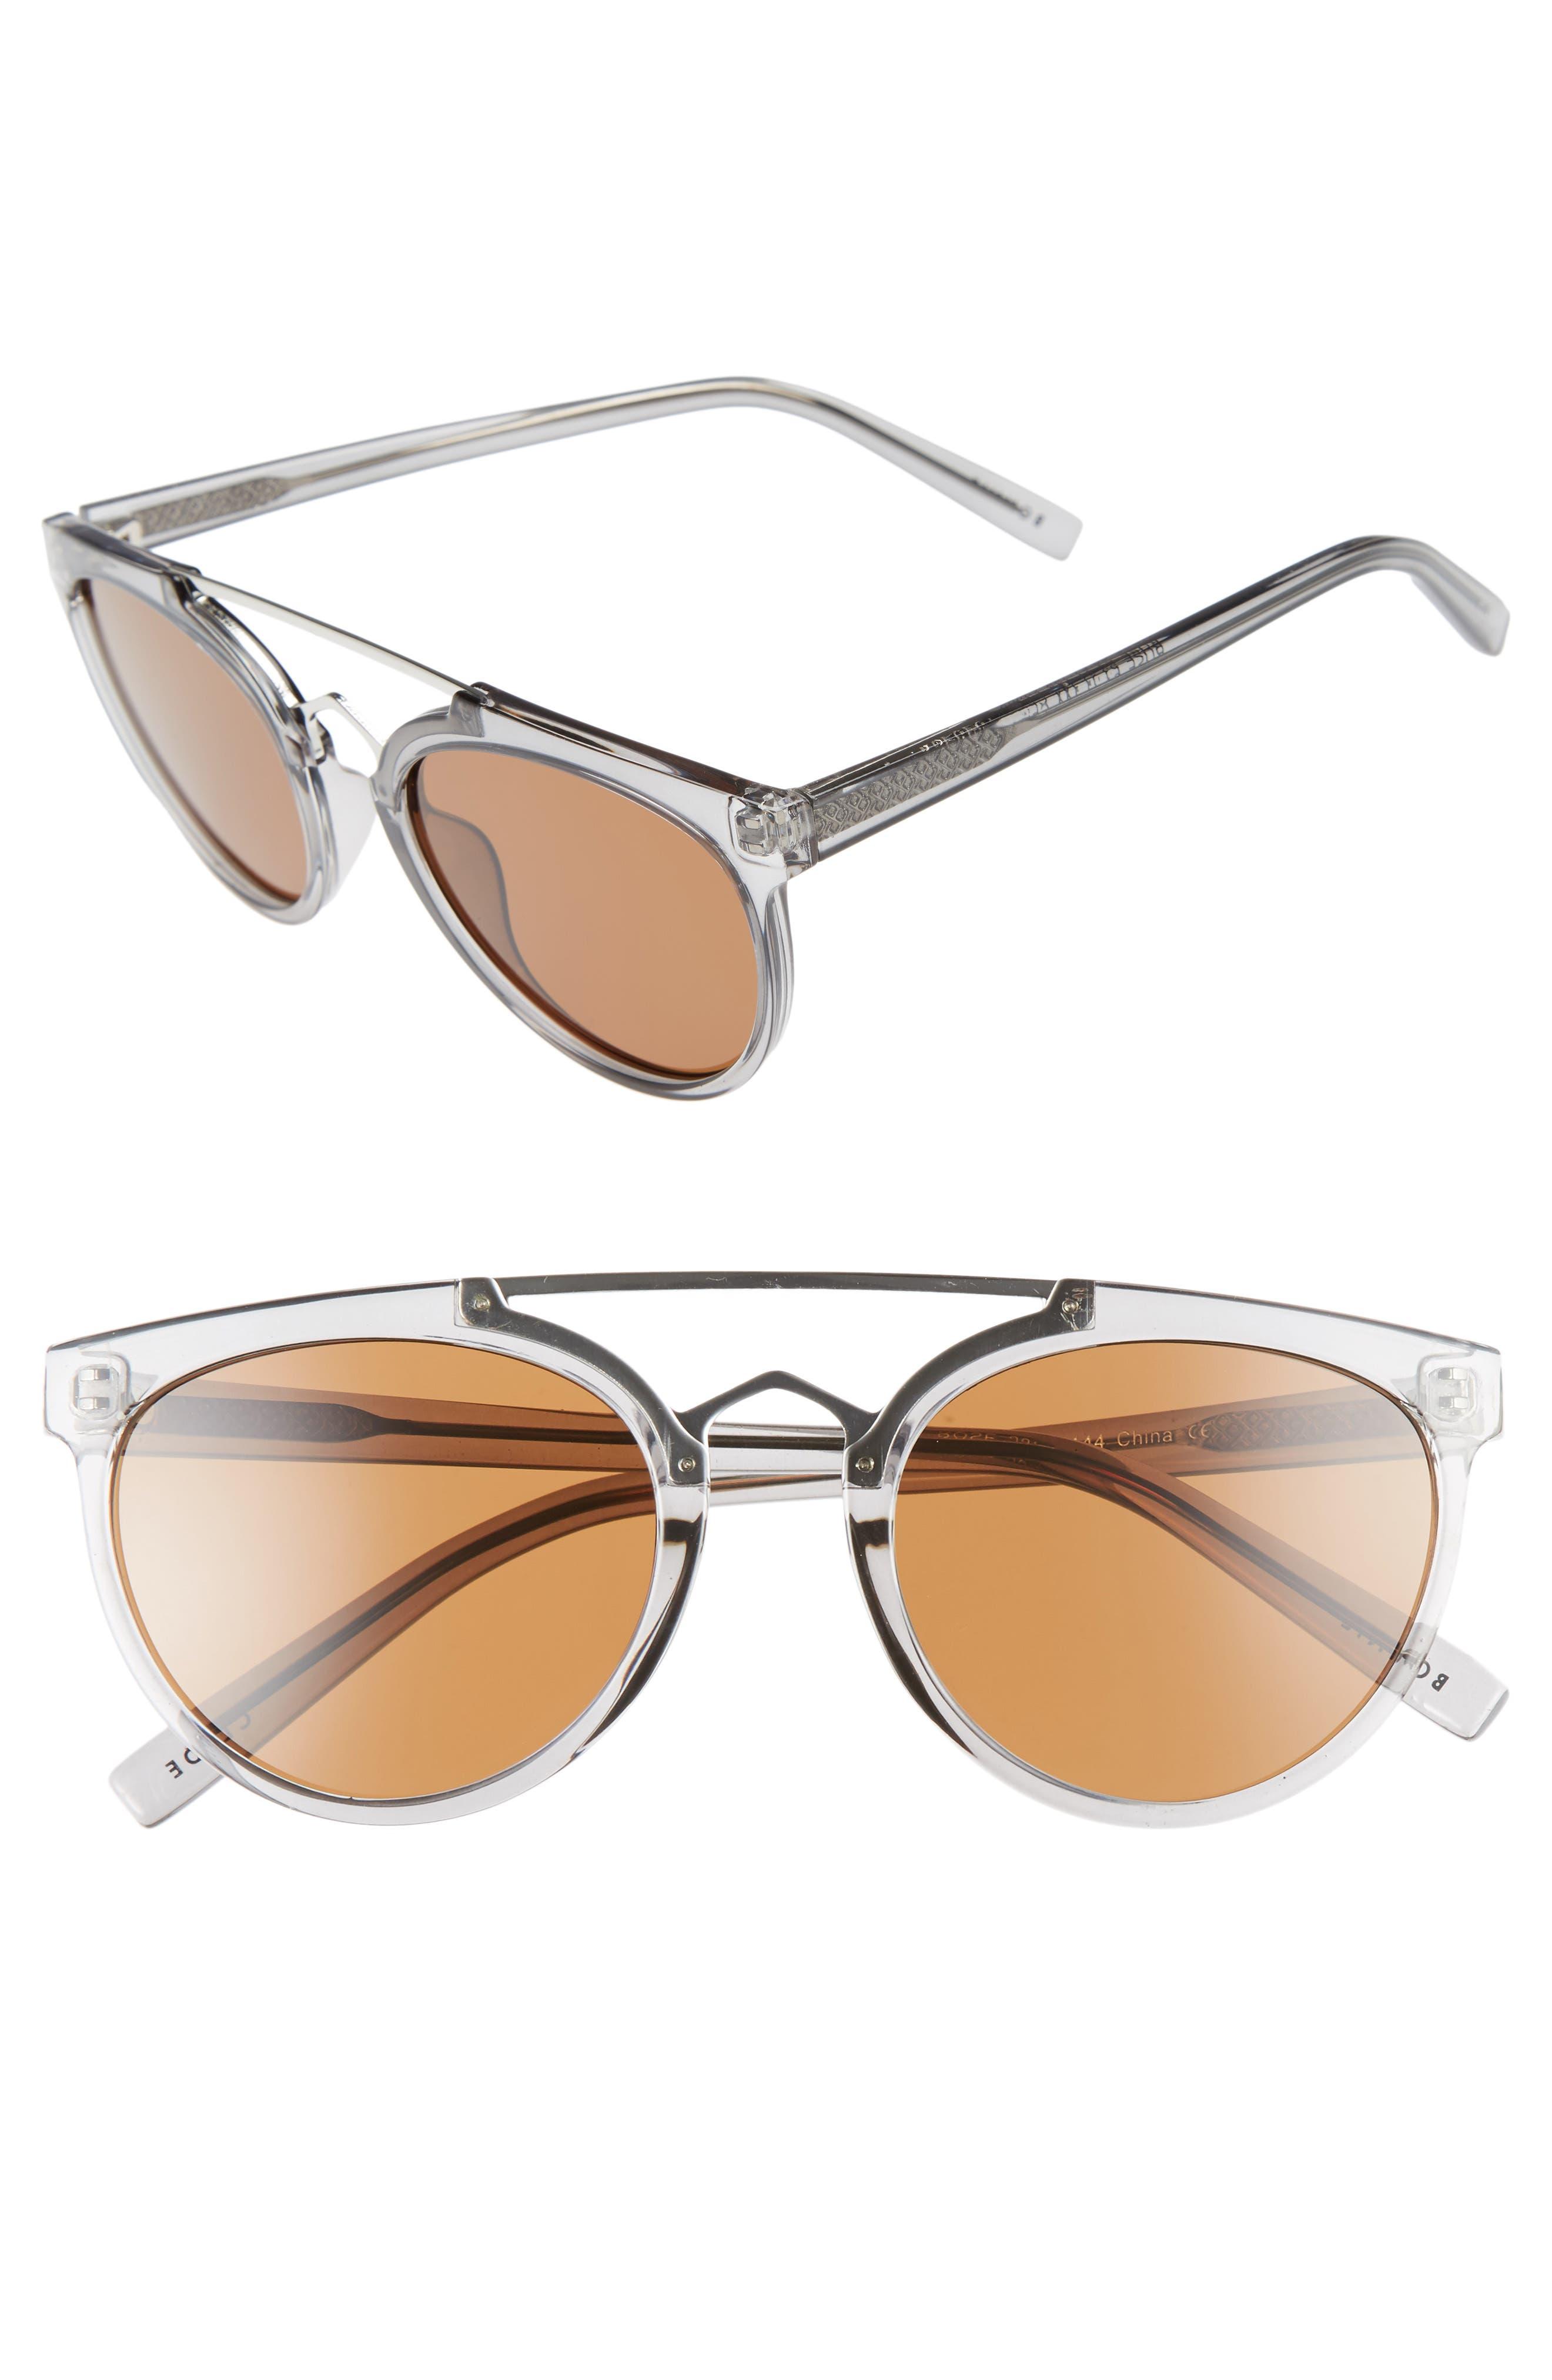 Bonnie Clyde Rose 5m Retro Sunglasses - Skyline Slate